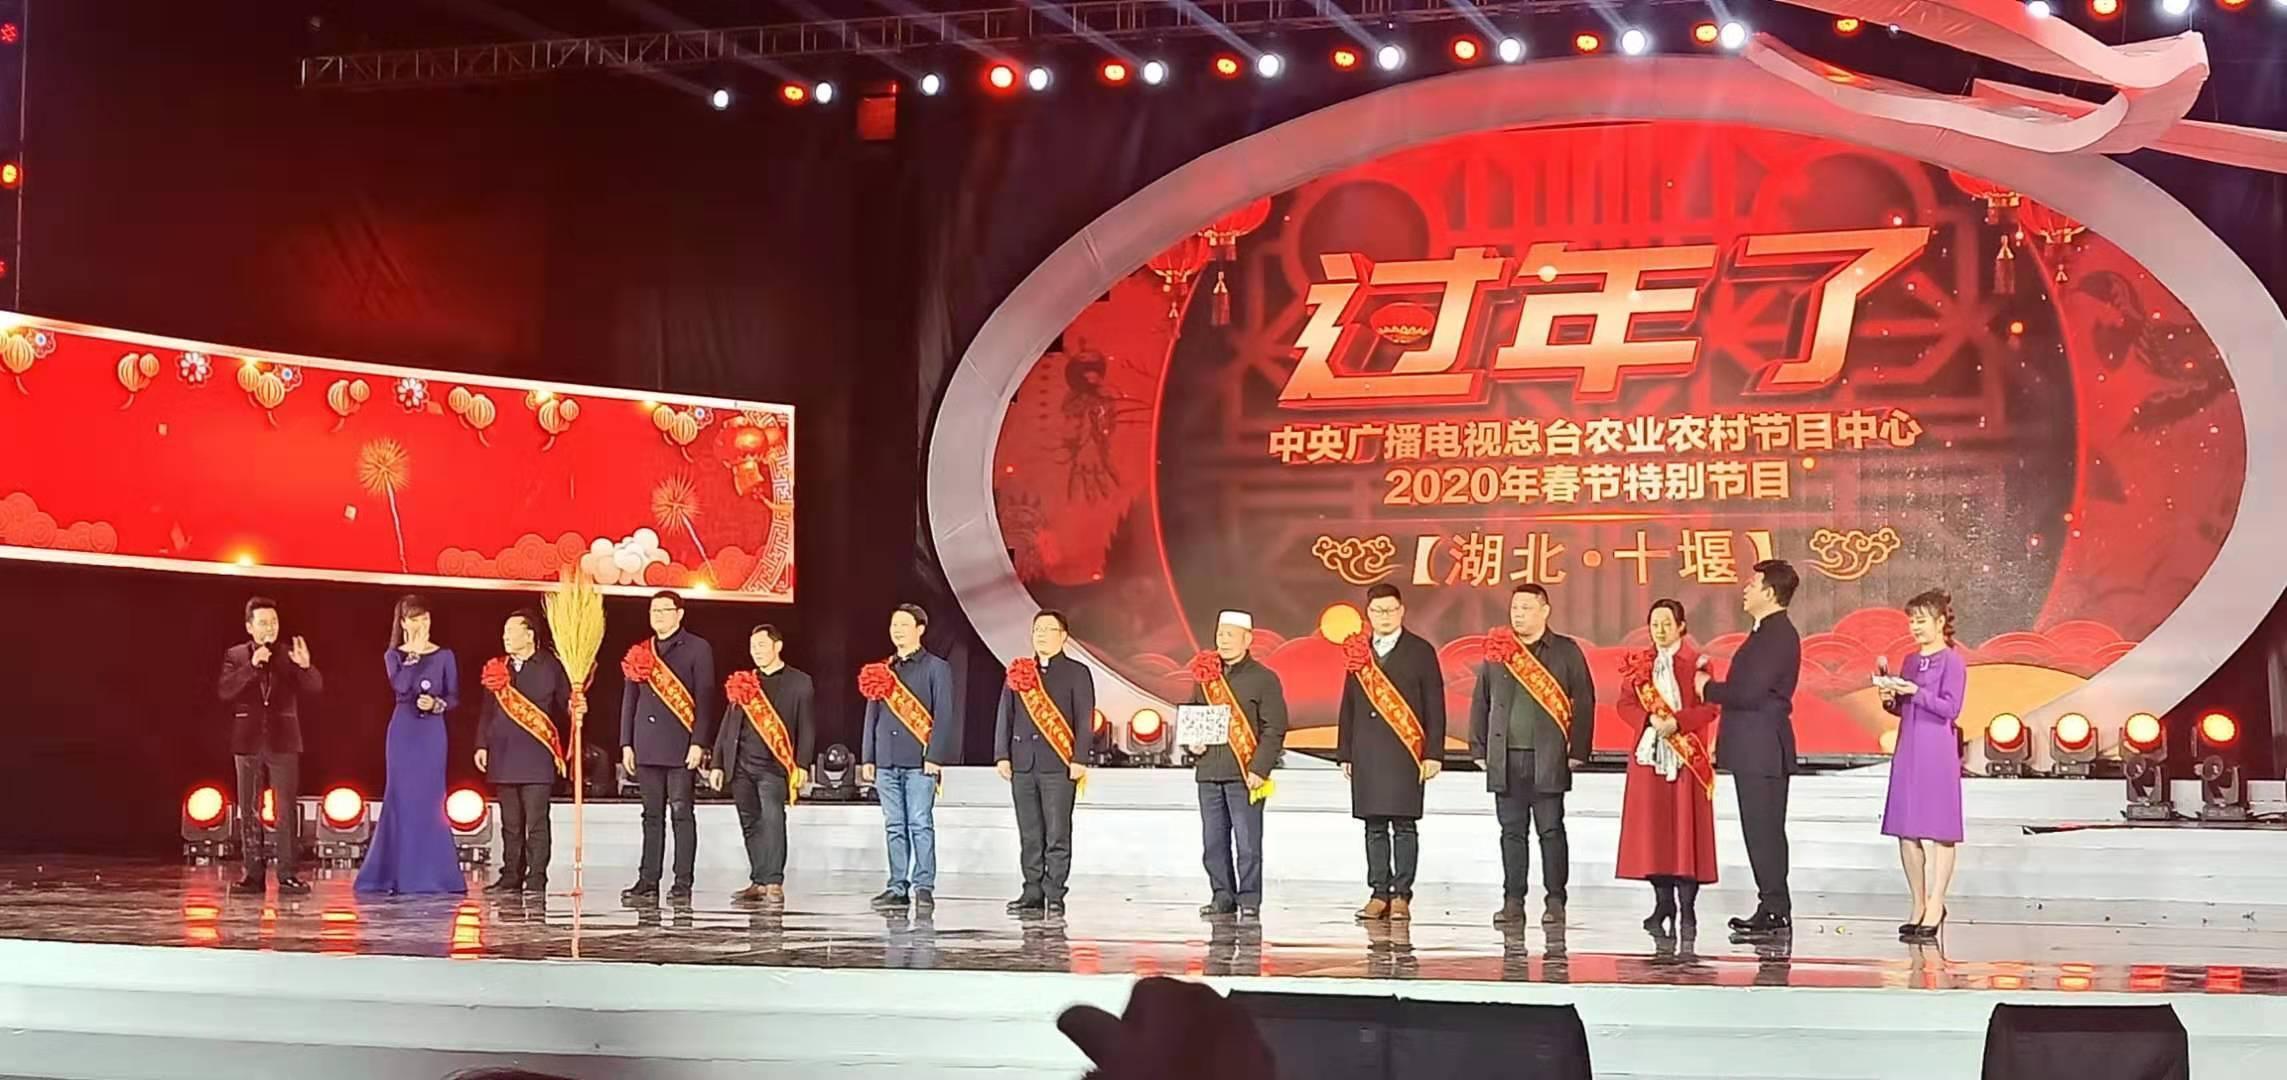 竹山陆龙武登上央视农业农村春晚舞台